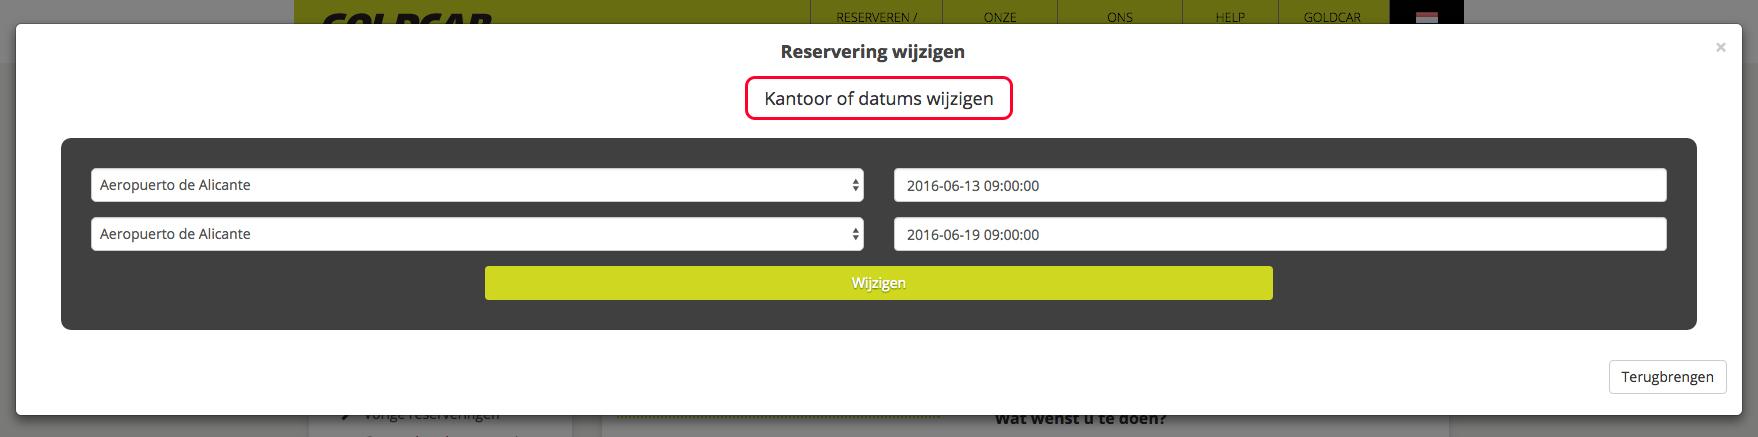 Mijn reservering wijzigen (Datum wijzigen, voertuig wijzigen, extra's toevoegen of verwijderen…) (5)